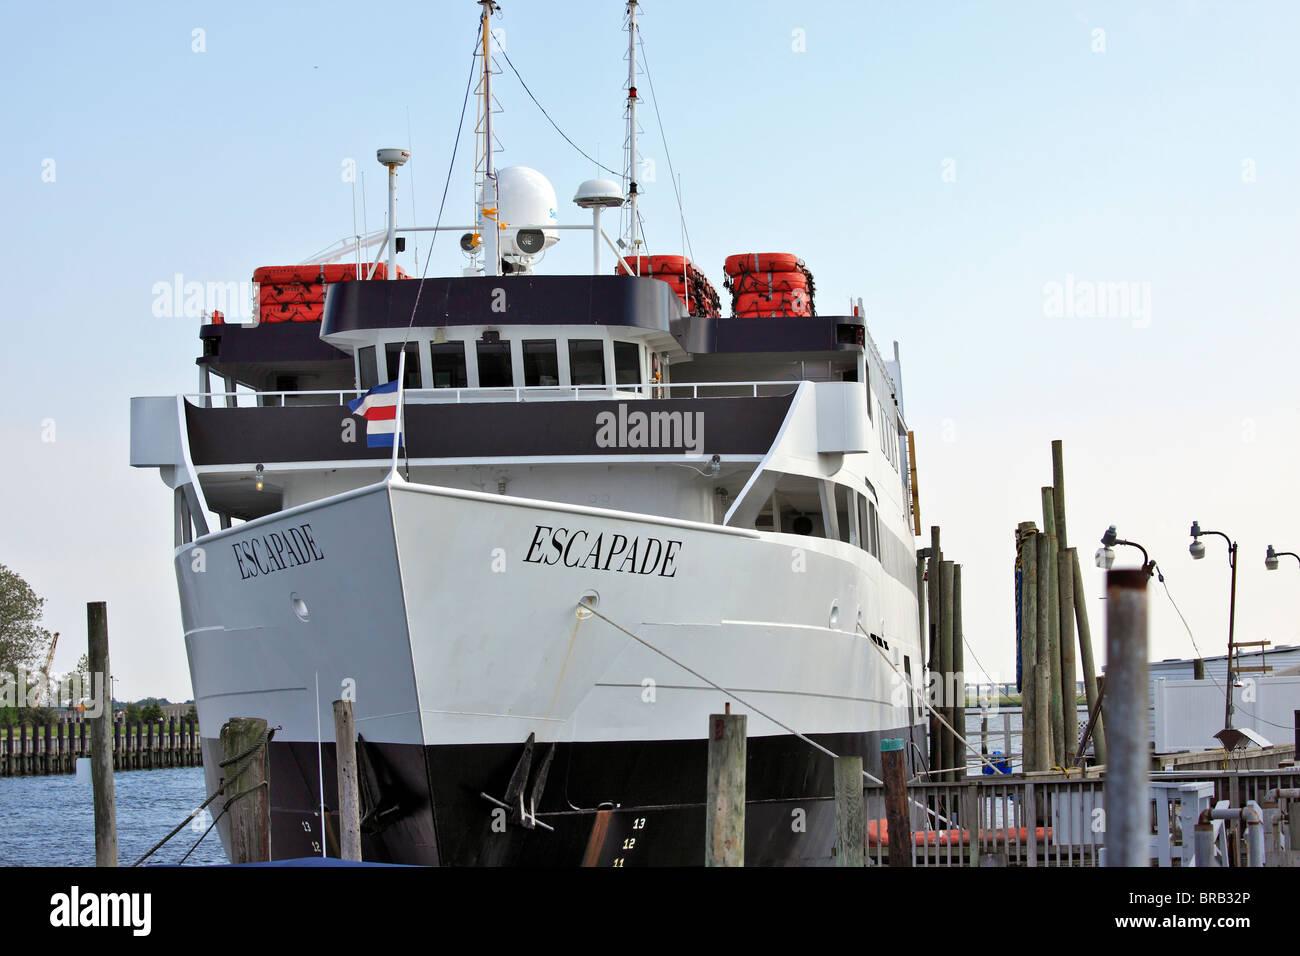 Casino ships from ny jobs at harrah s casino new orleans